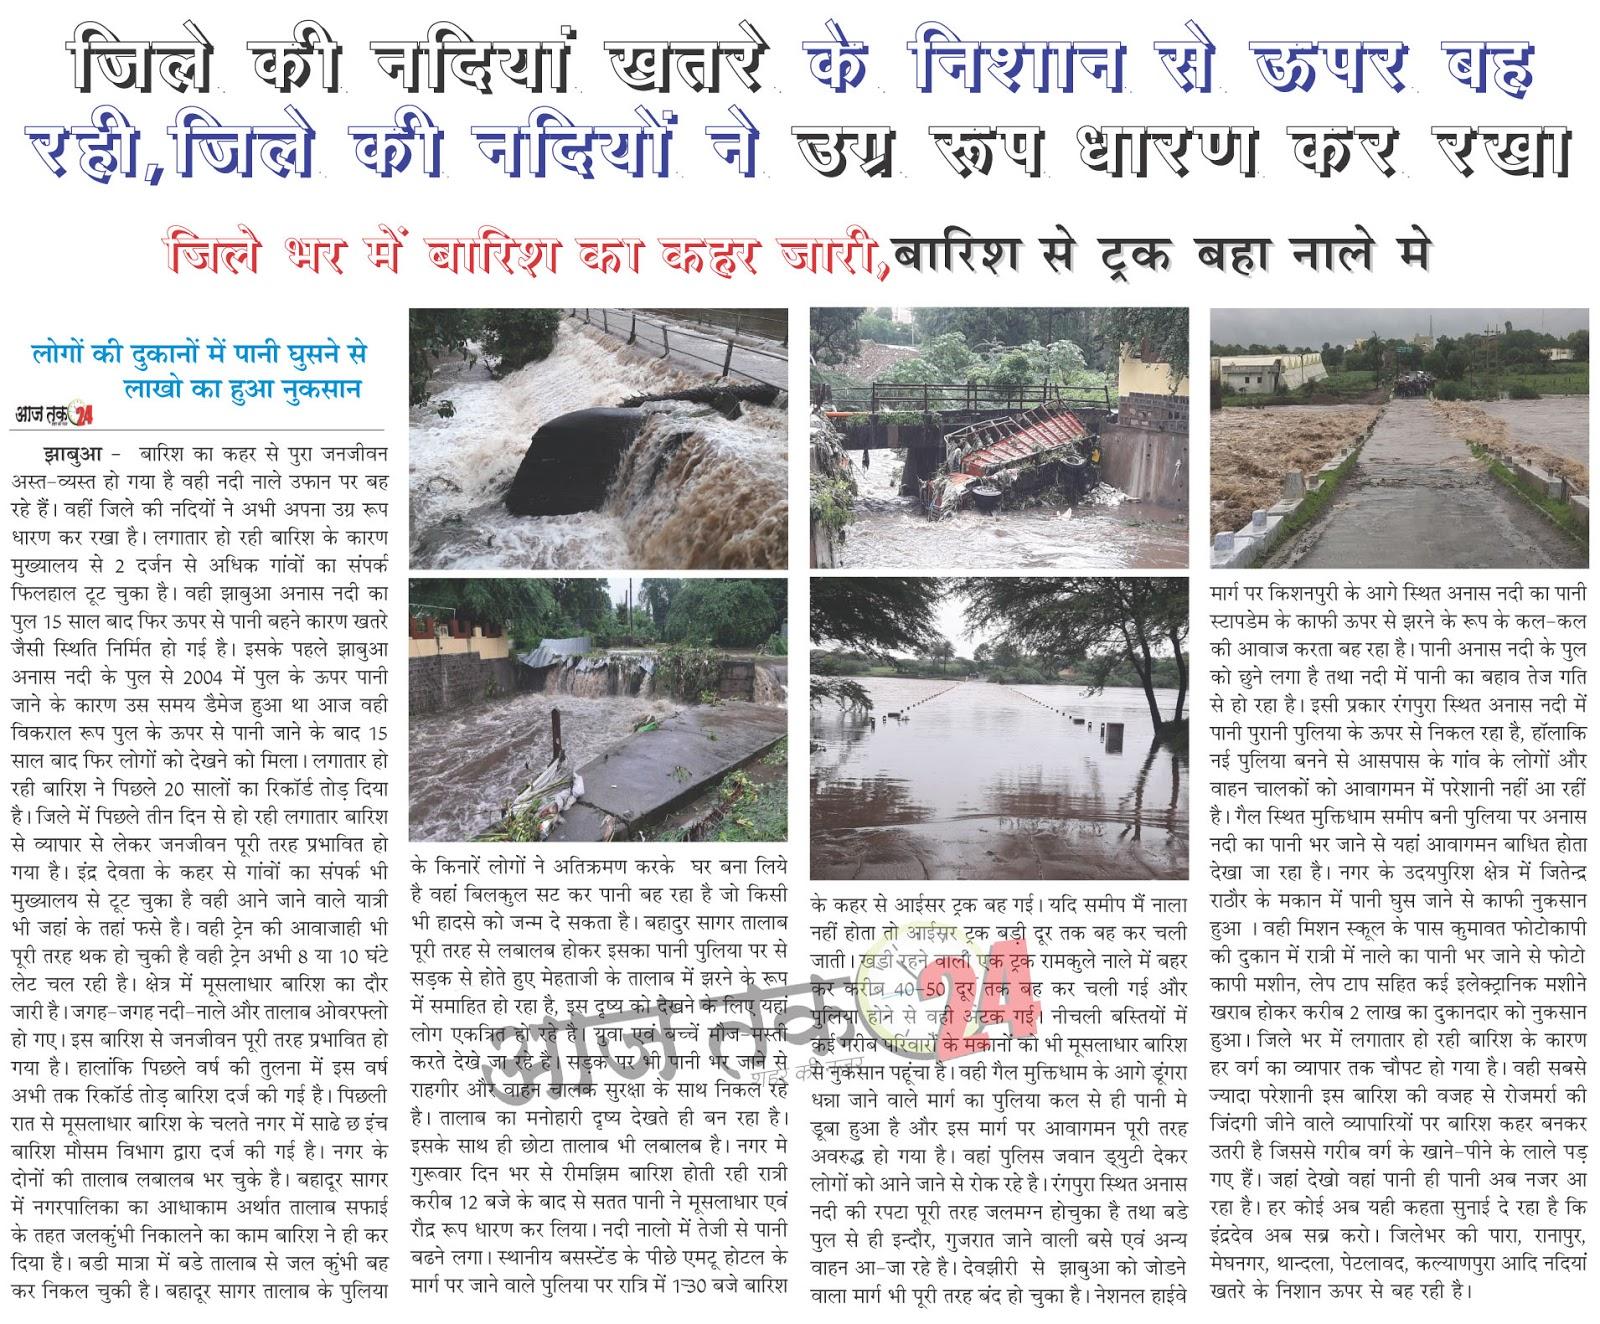 जिले की नदियां खतरे के निशान से ऊपर बह रही, जिले की नदियों ने उग्र रूप धारण कर रखा| jile me nadiya khatre ke nishan se uper bah rhi